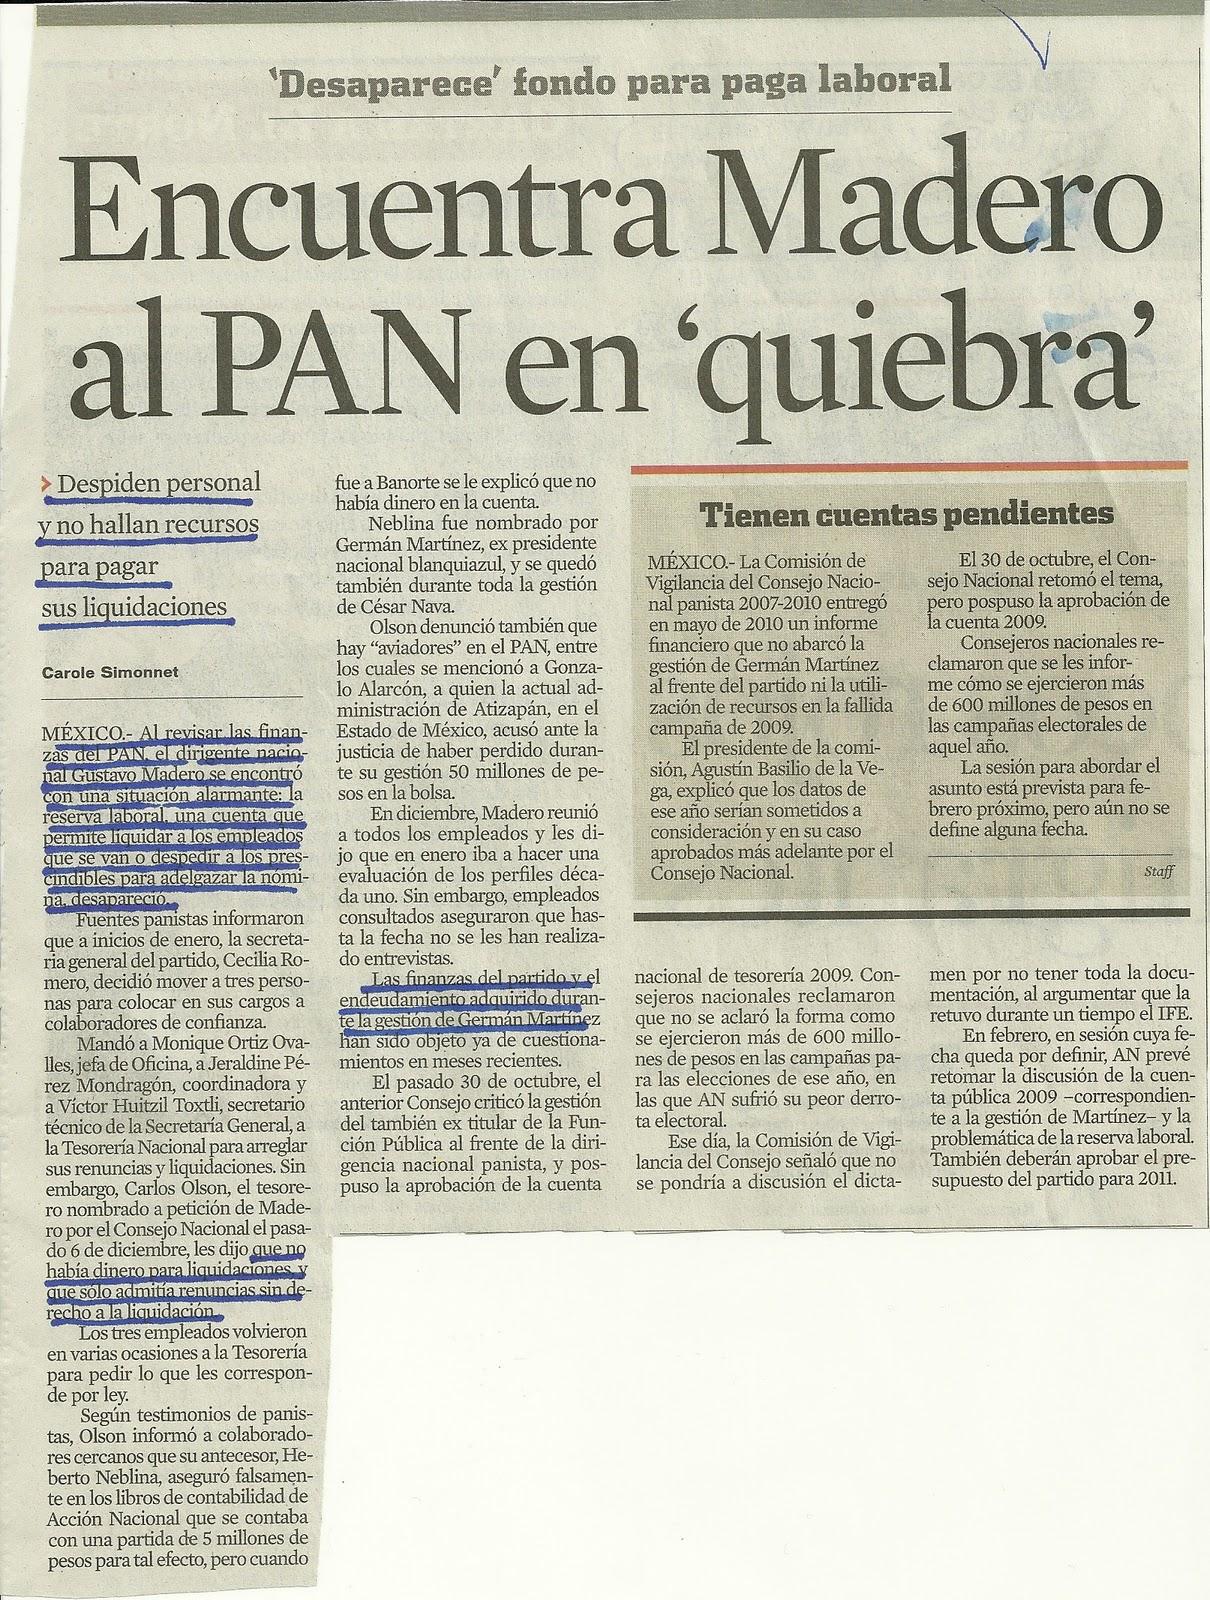 FOREVER MEXICO 안재욱: AHN JAE WOOK EN EL JUEGO DE APERTURA LG 02/04/2011